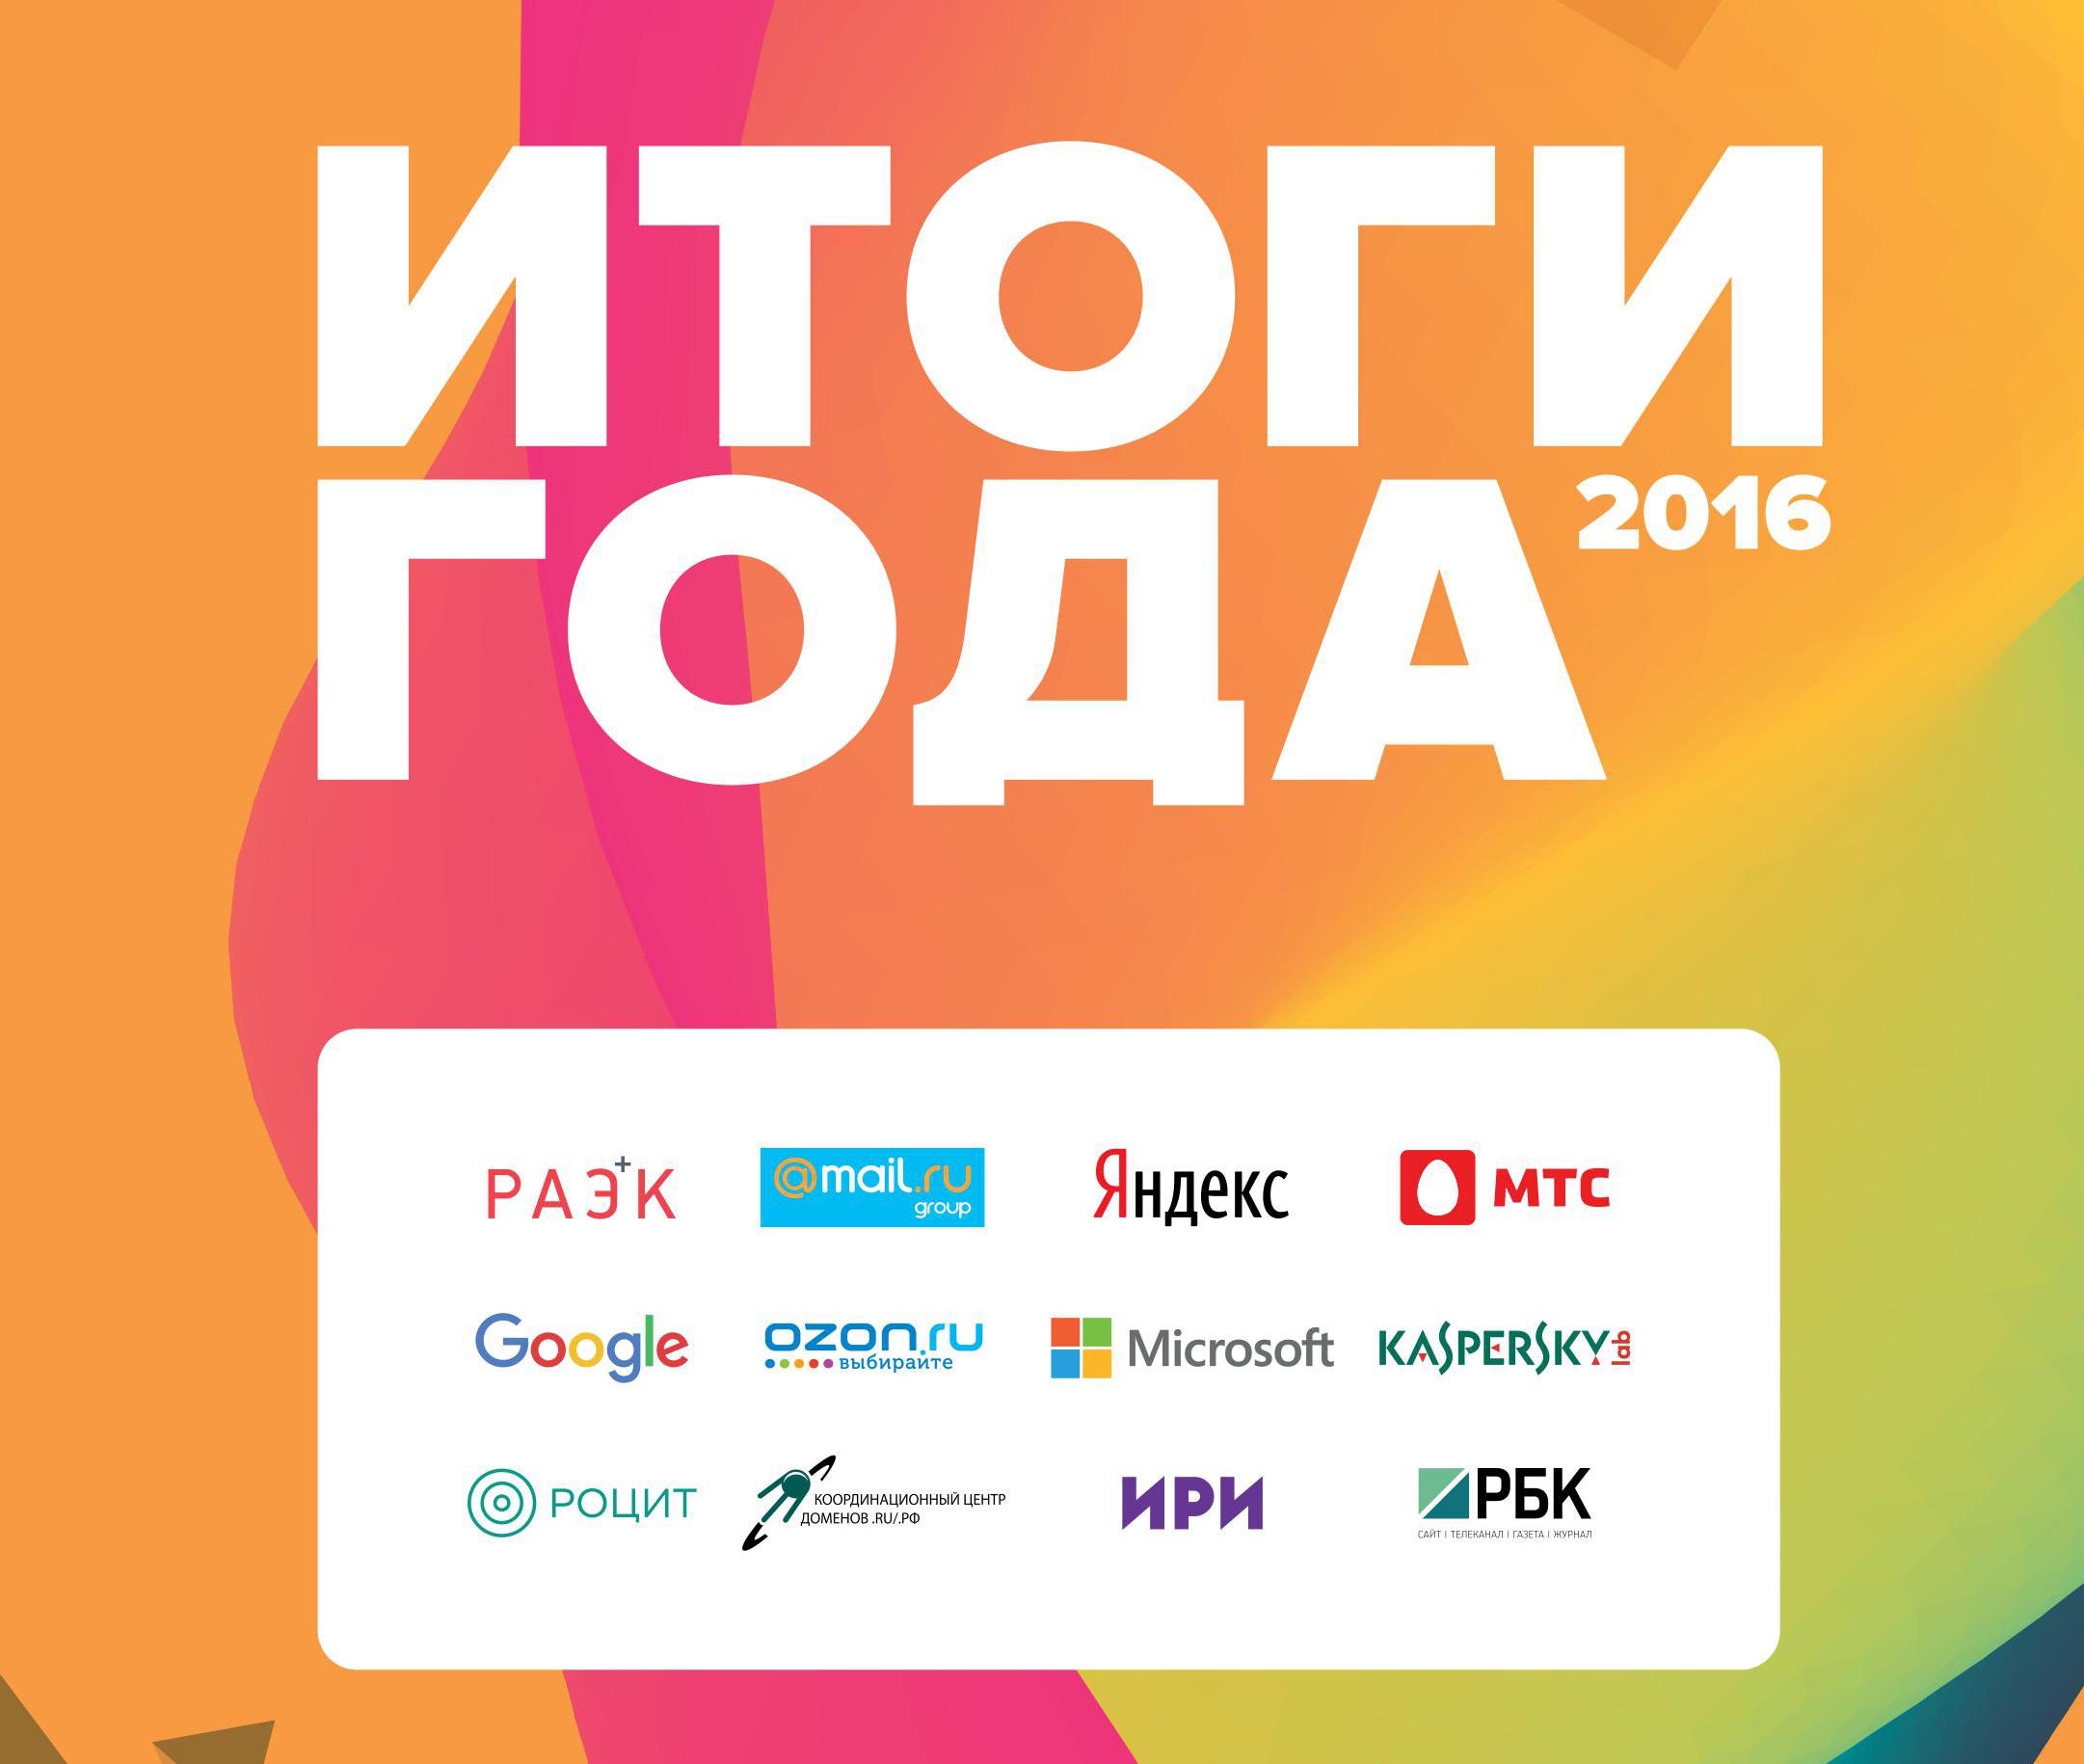 Рунет в интернете - что это такое? история рунета. топ сайтов и самые популярные блоги